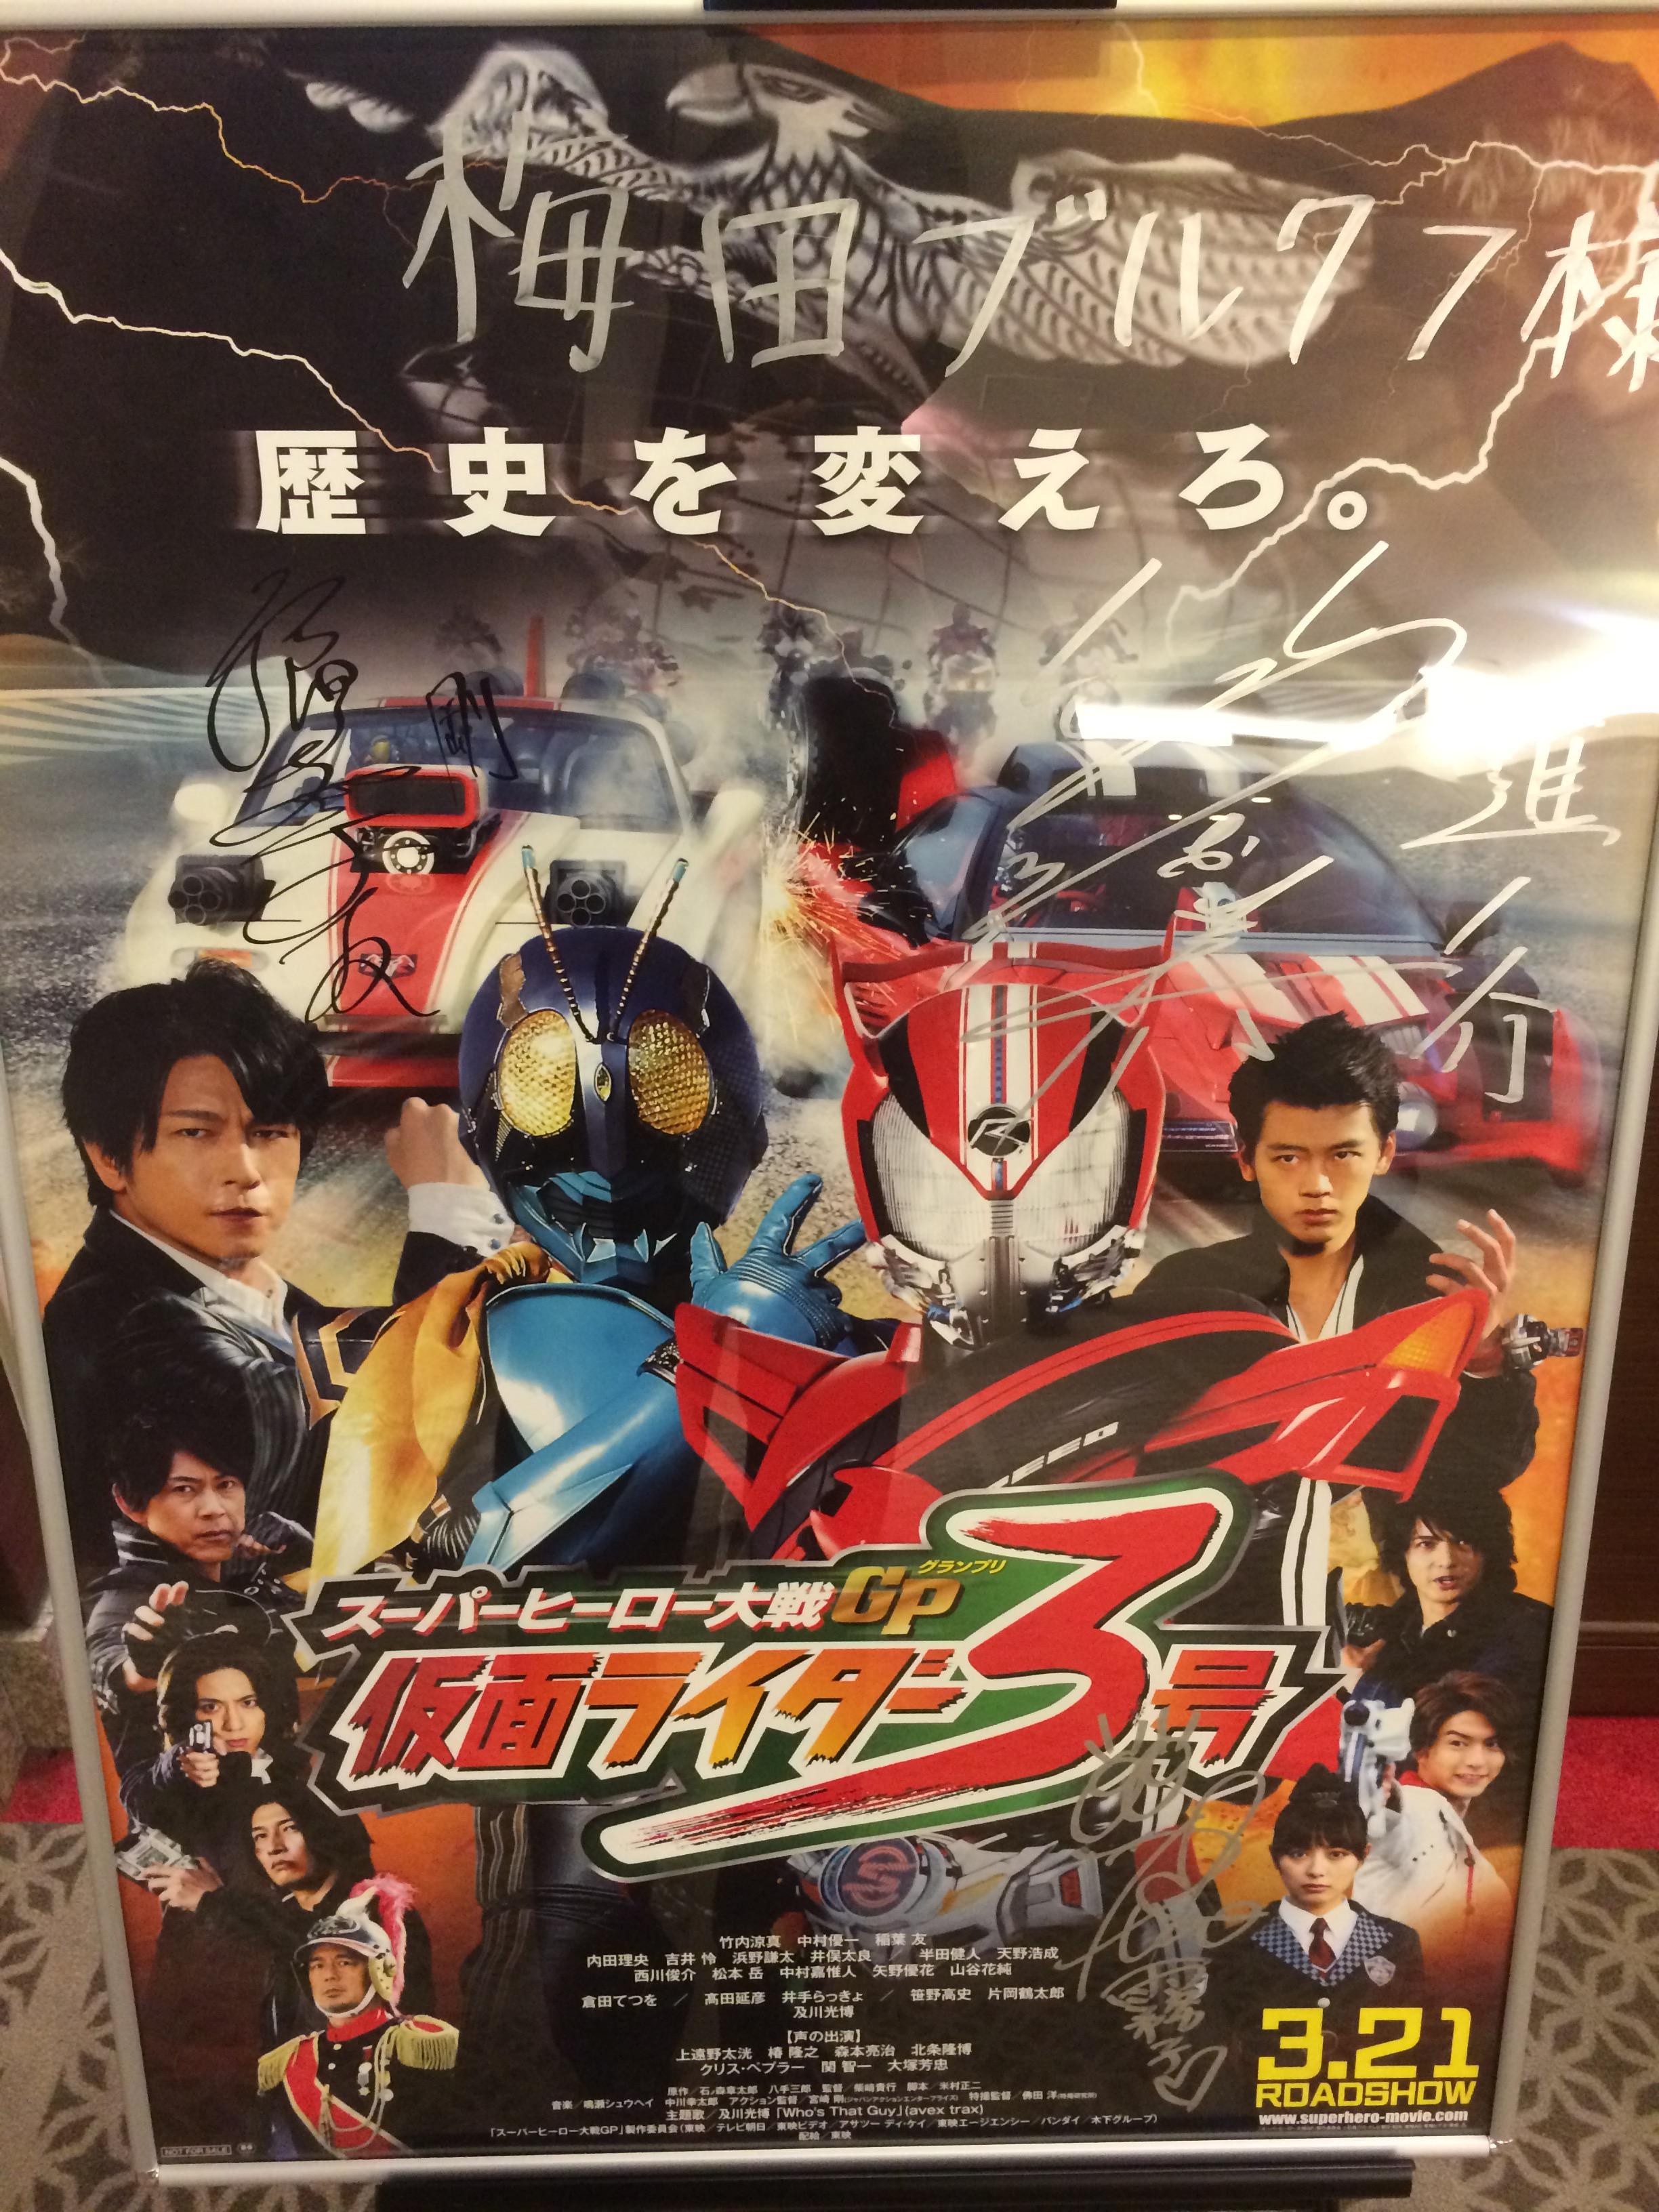 【感想】スーパーヒーロー大戦GP 仮面ライダー3号